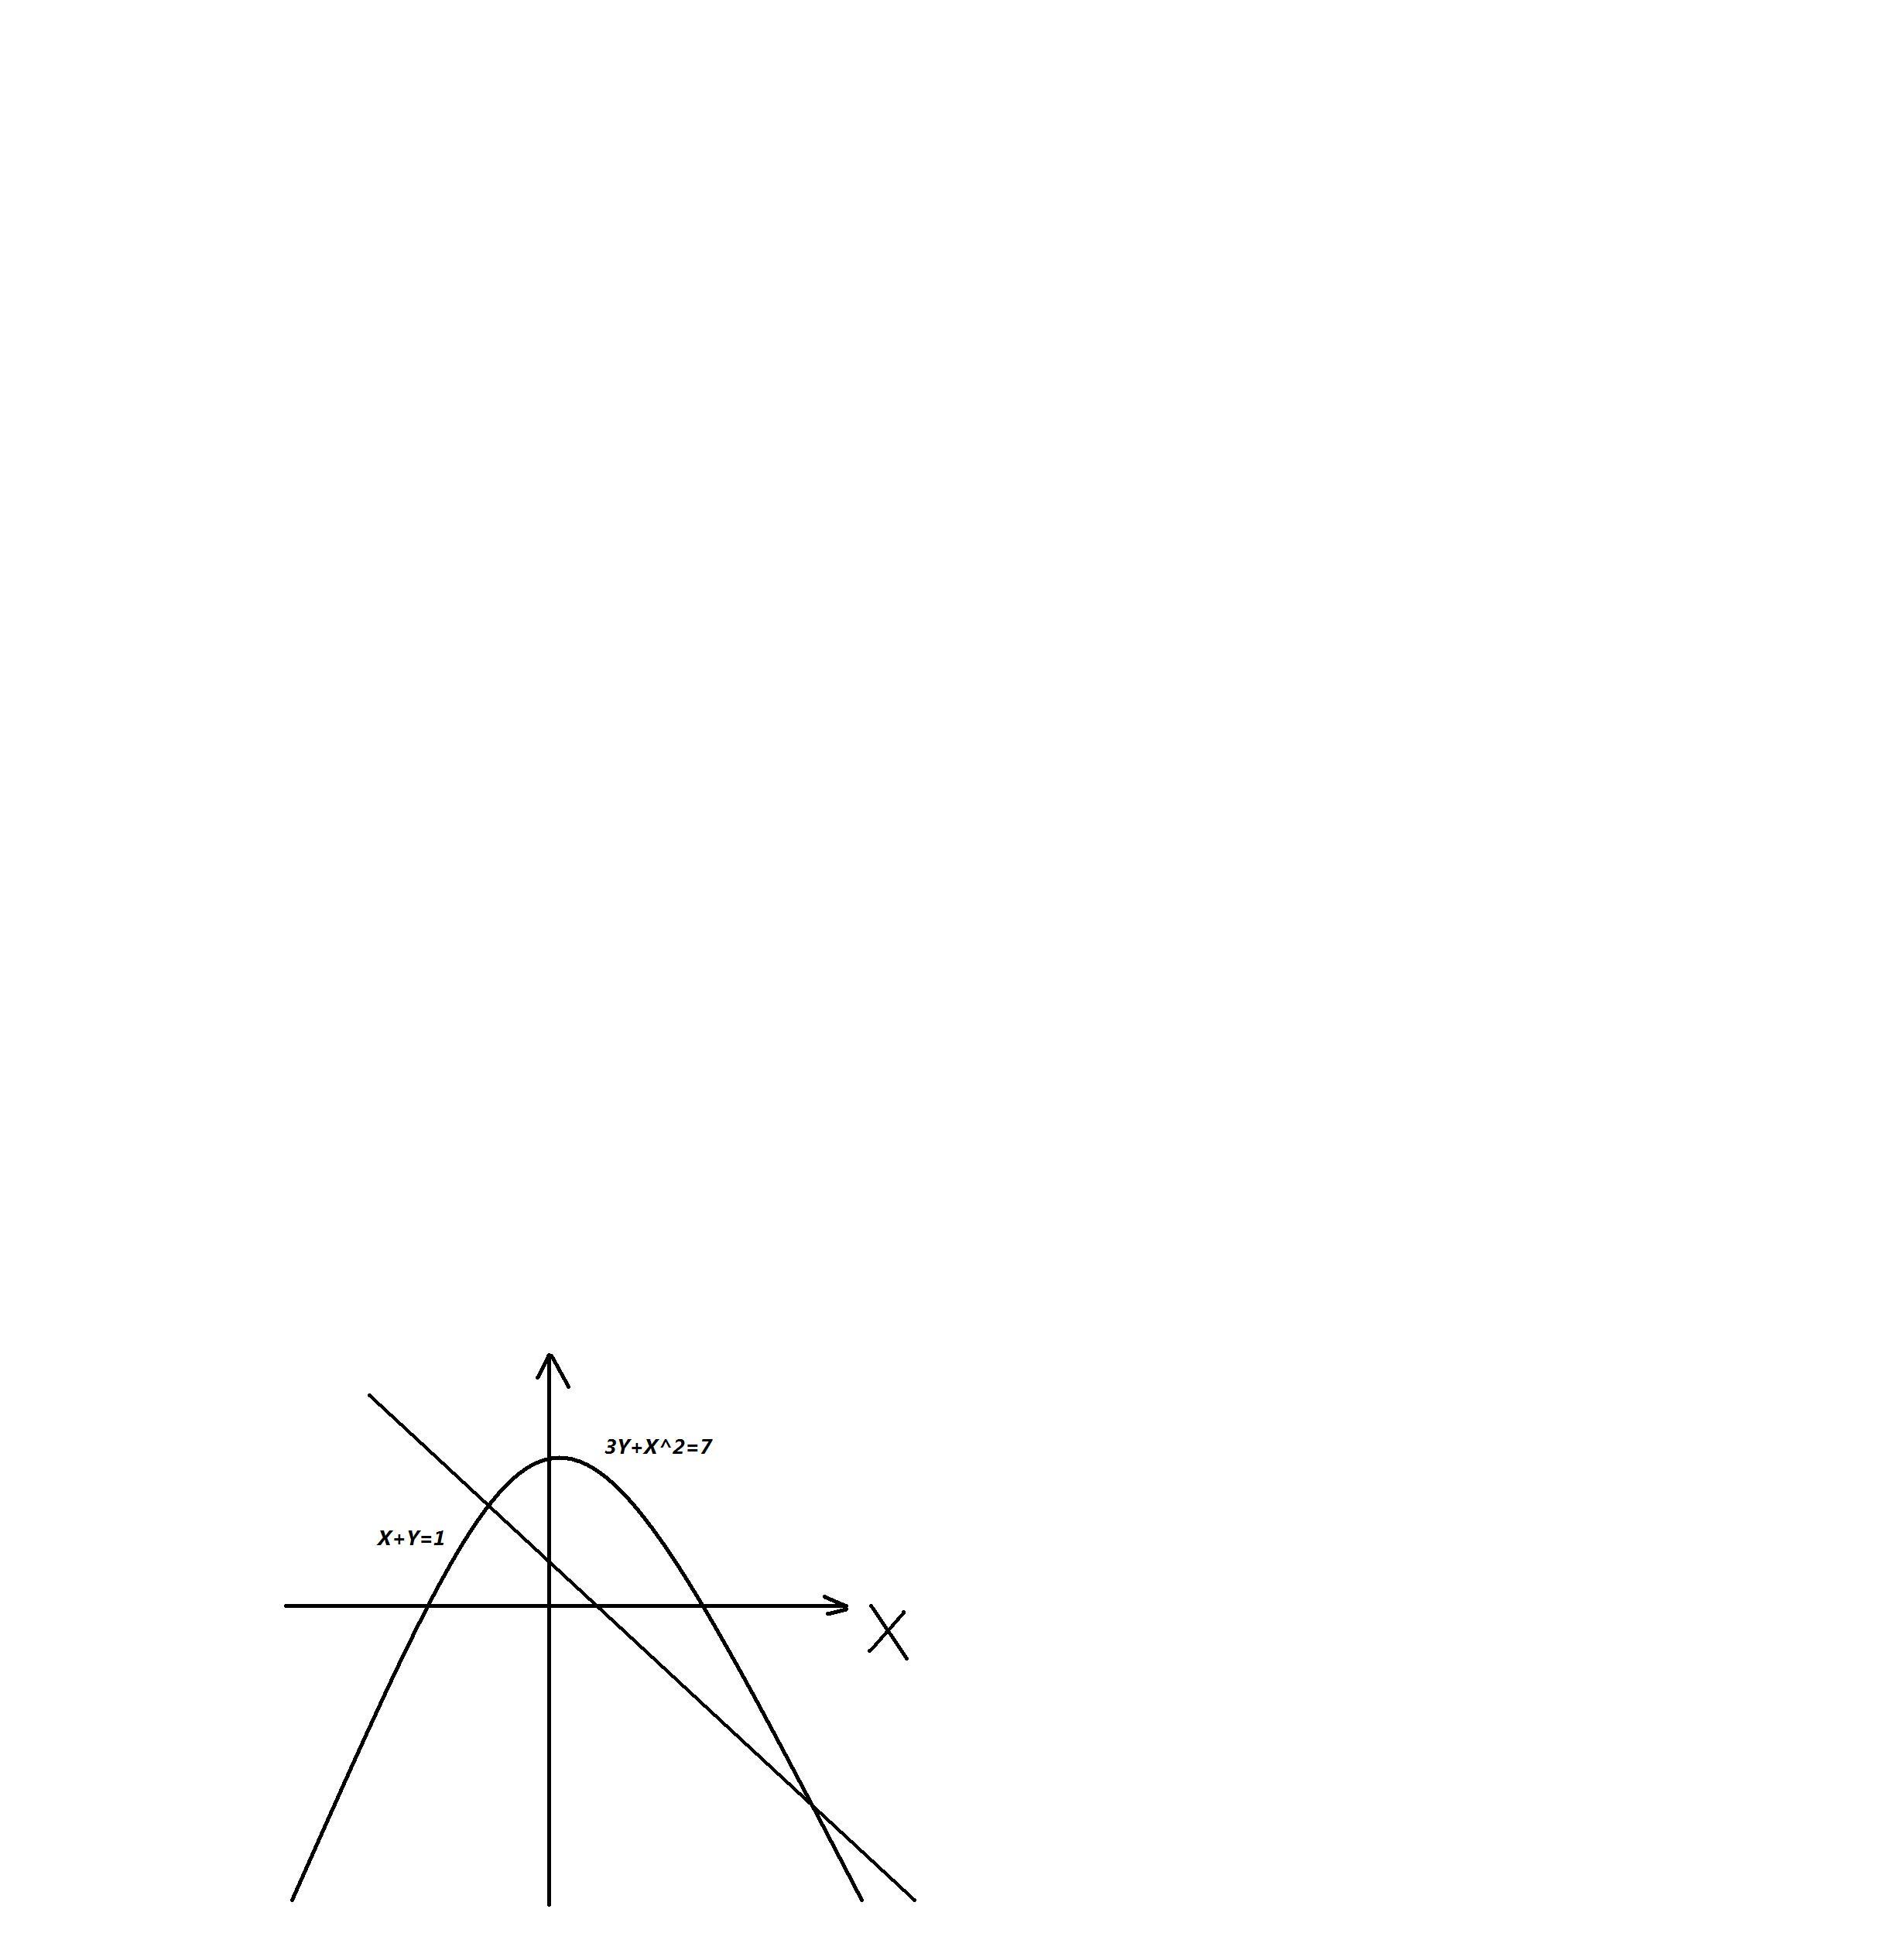 Решите систему ураненийЗy+x^2=7x+y=1используя графики изображённые на рисунке